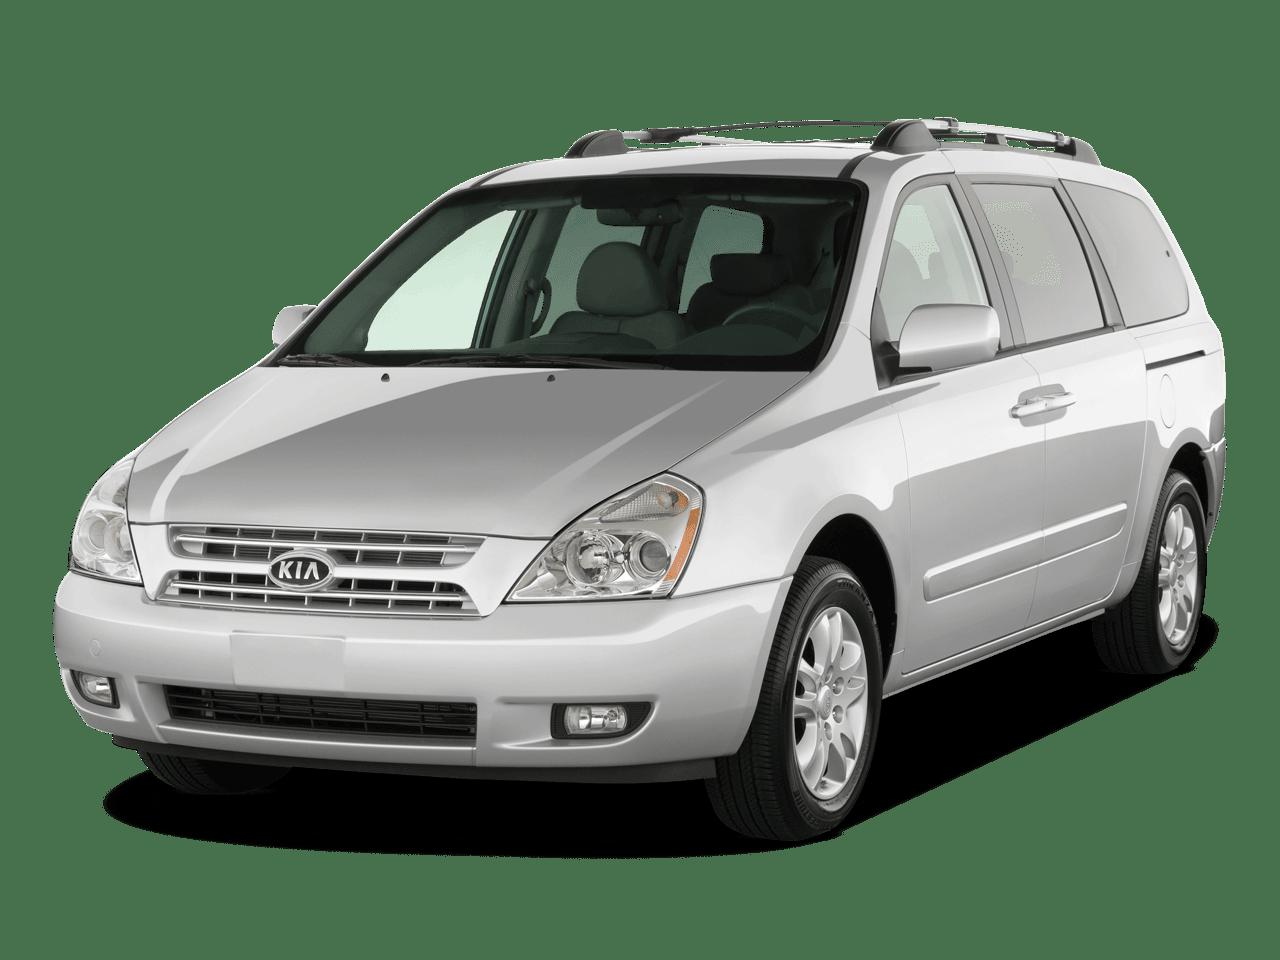 Kia Grand Carnival - 8 seater Premium Passengers Mover